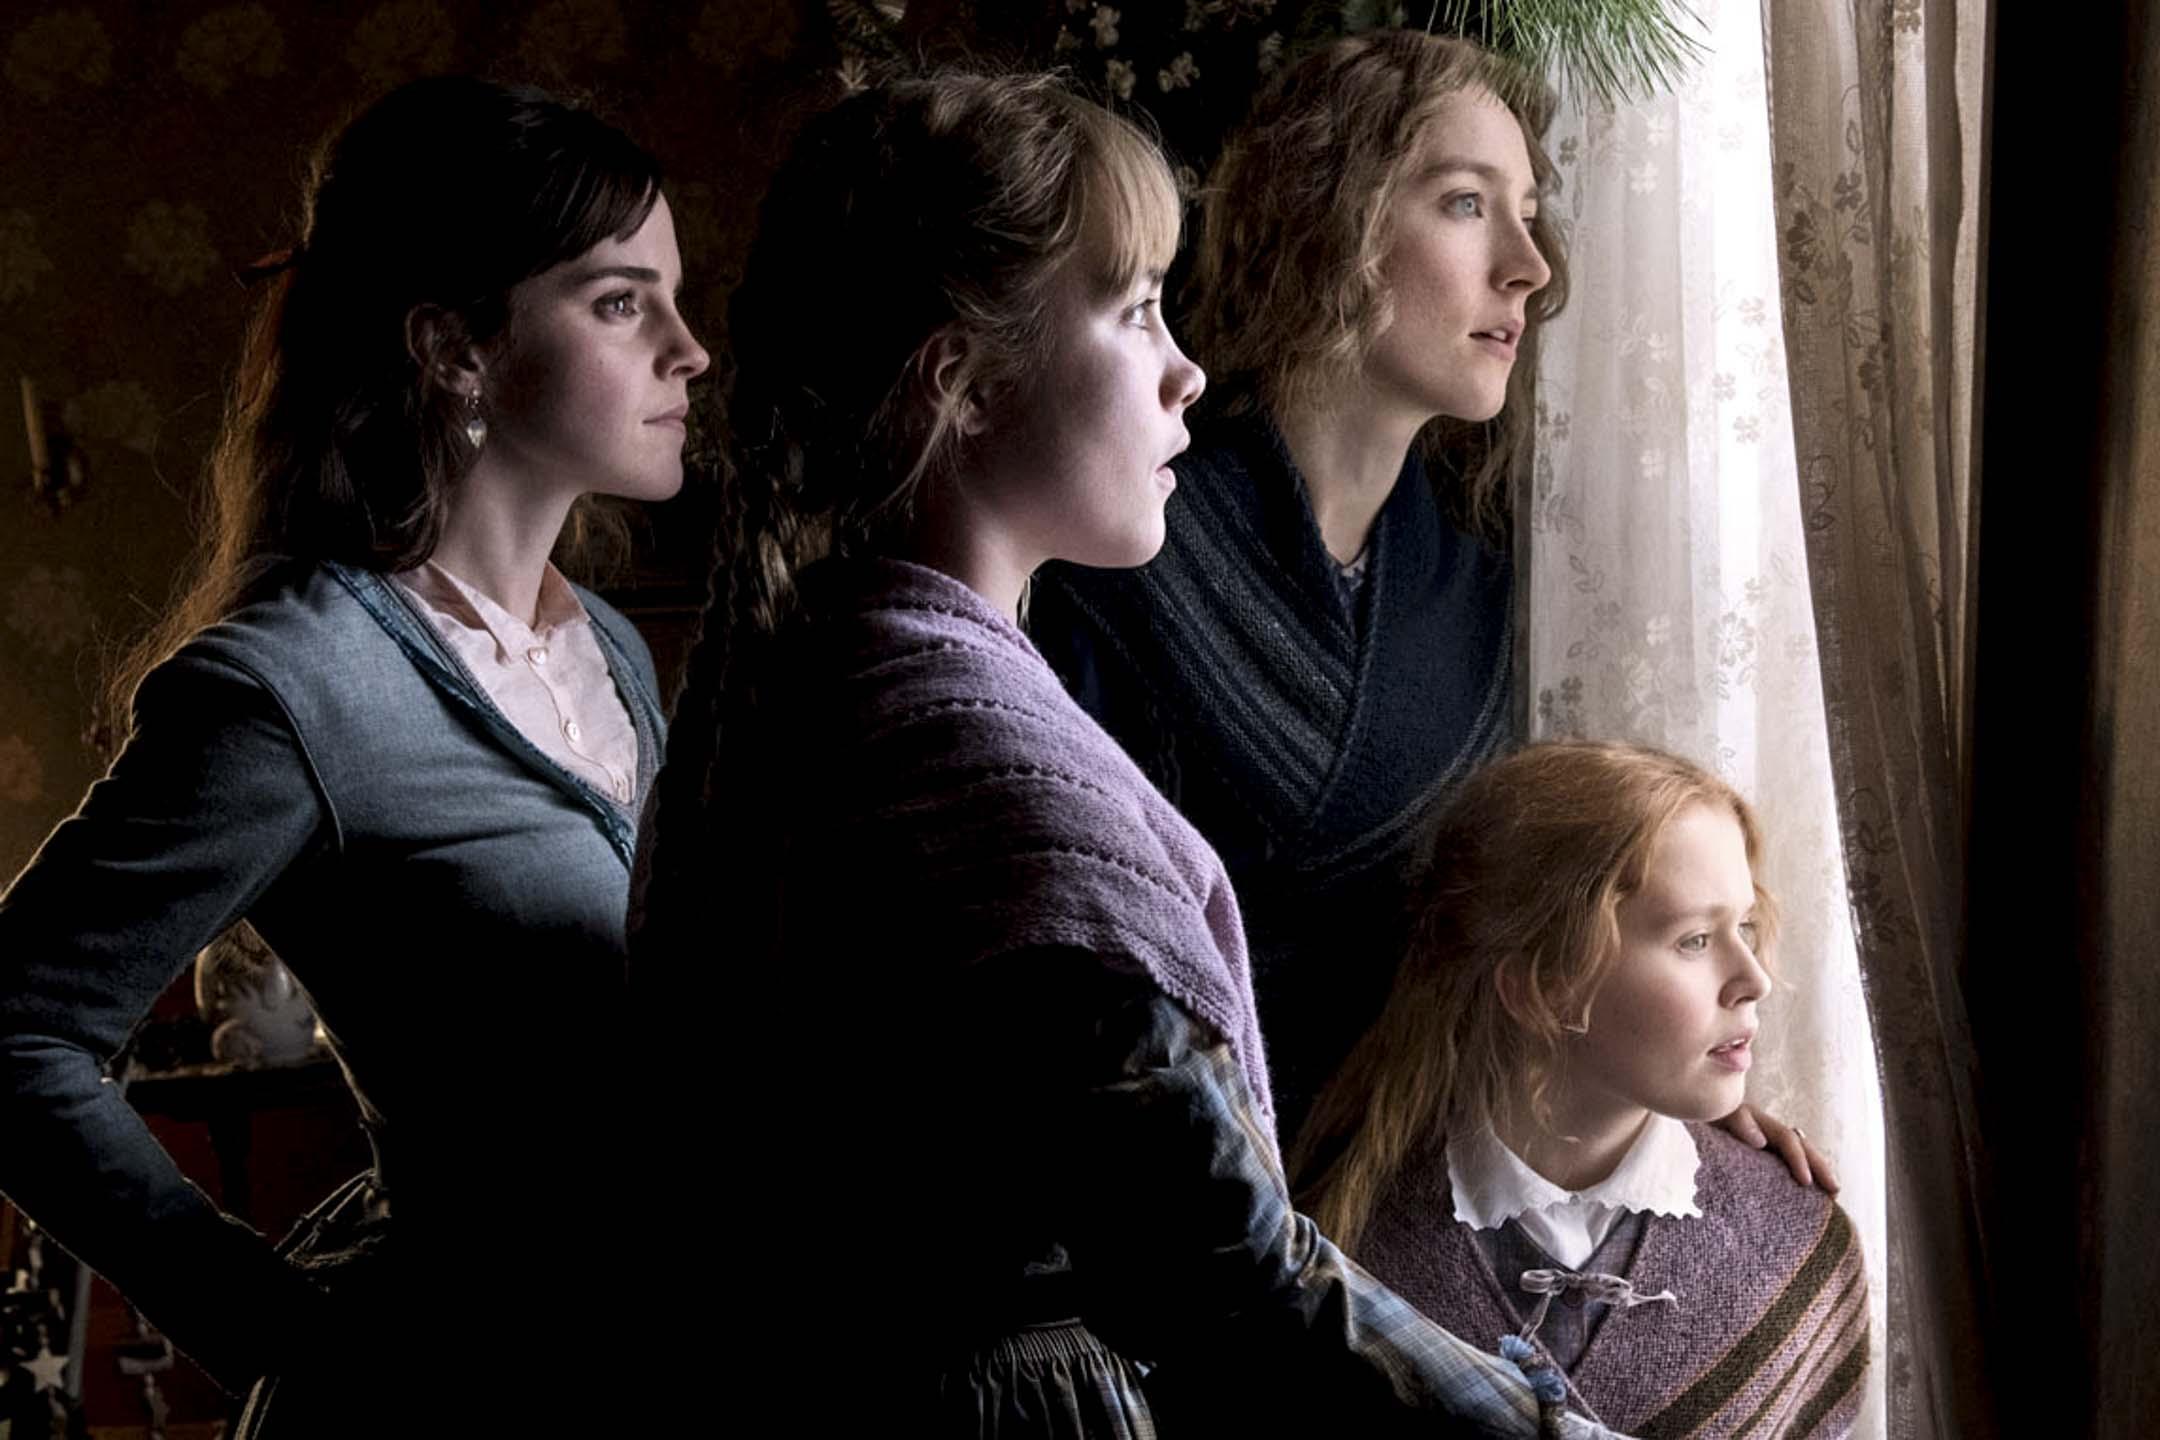 《小婦人》(Little Women)電影劇照。 網上圖片